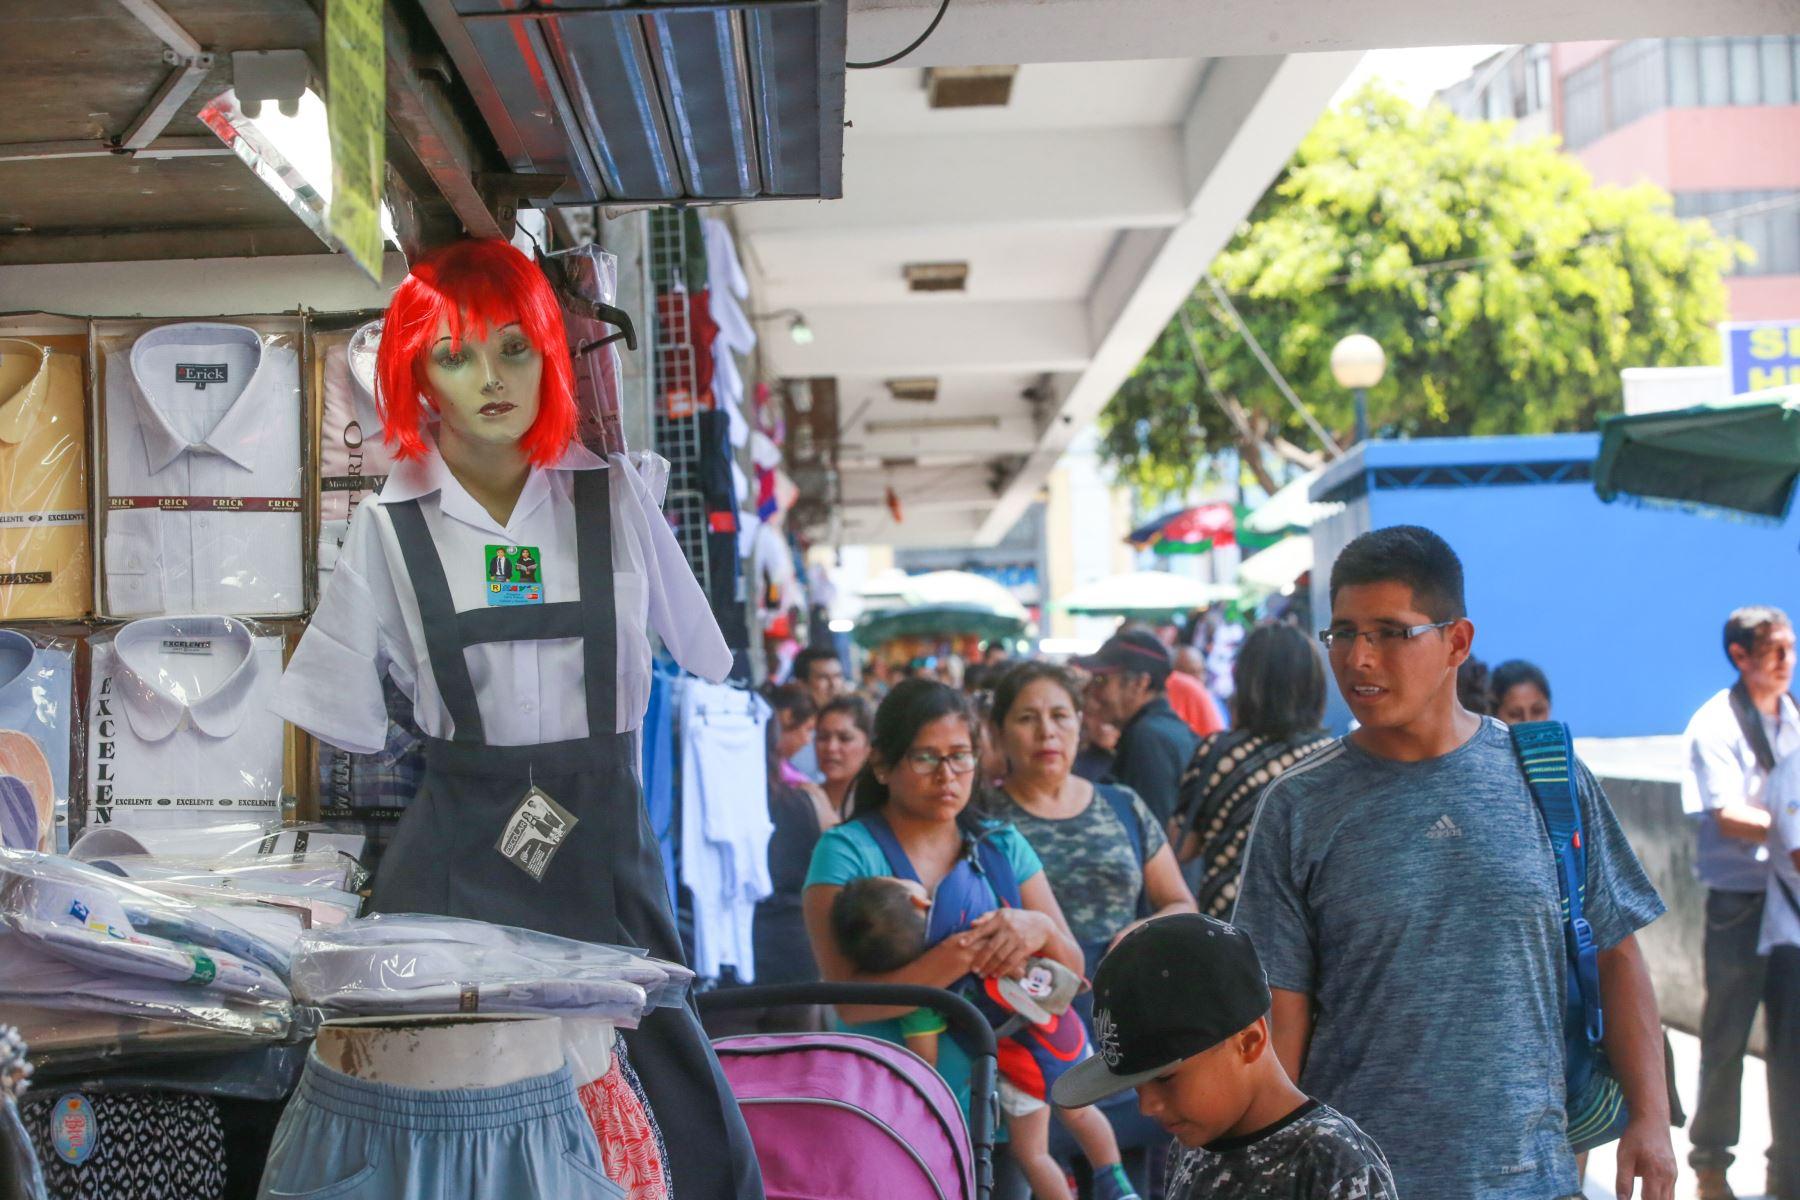 Las prendas escolares son las más solicitadas en febrero y marzo en el Mercado Central y Mesa Redonda. Foto: ANDINA/ Jhony Laurente